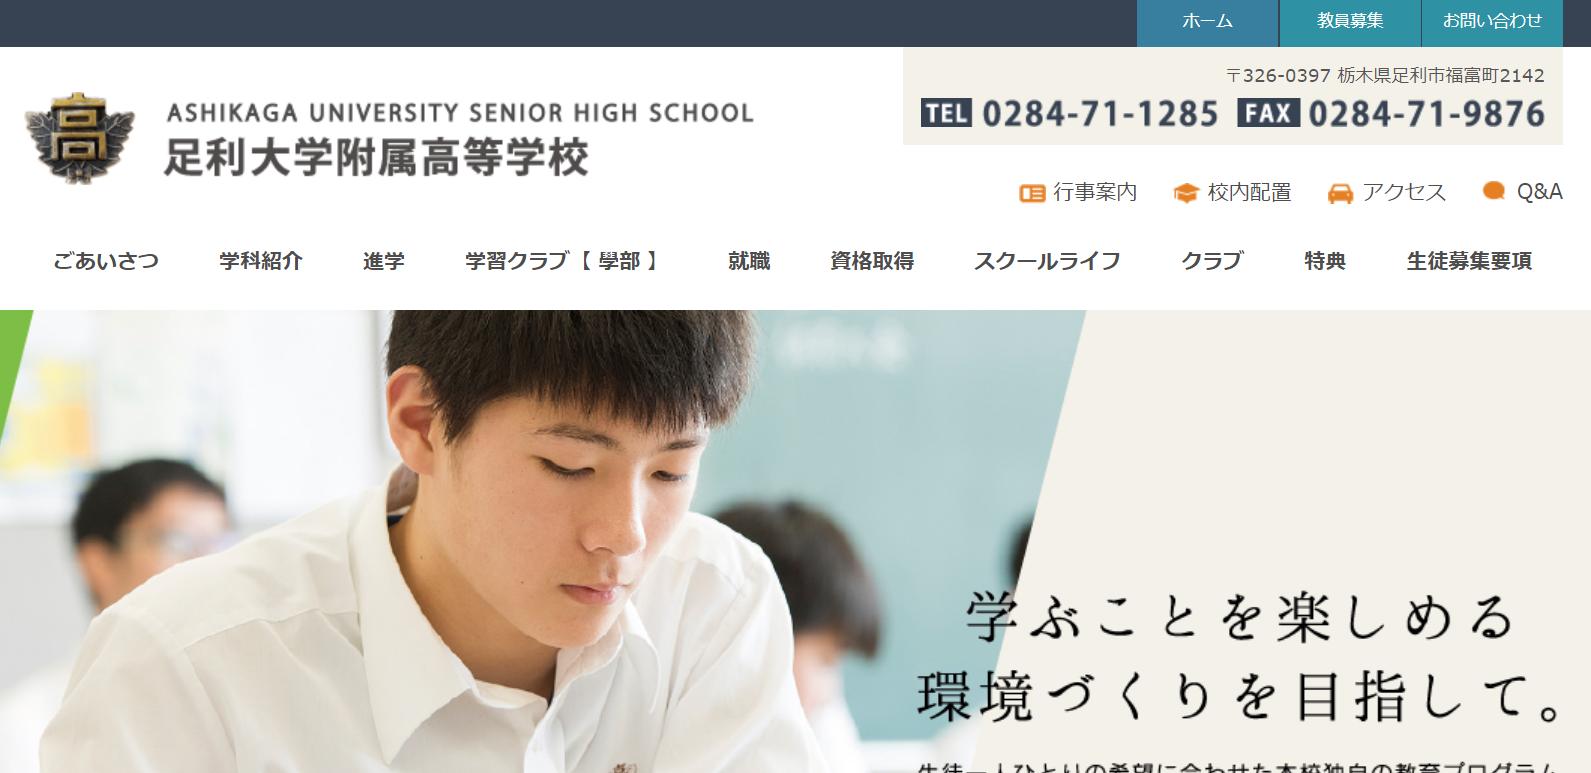 足利大学附属高校の口コミ・評判